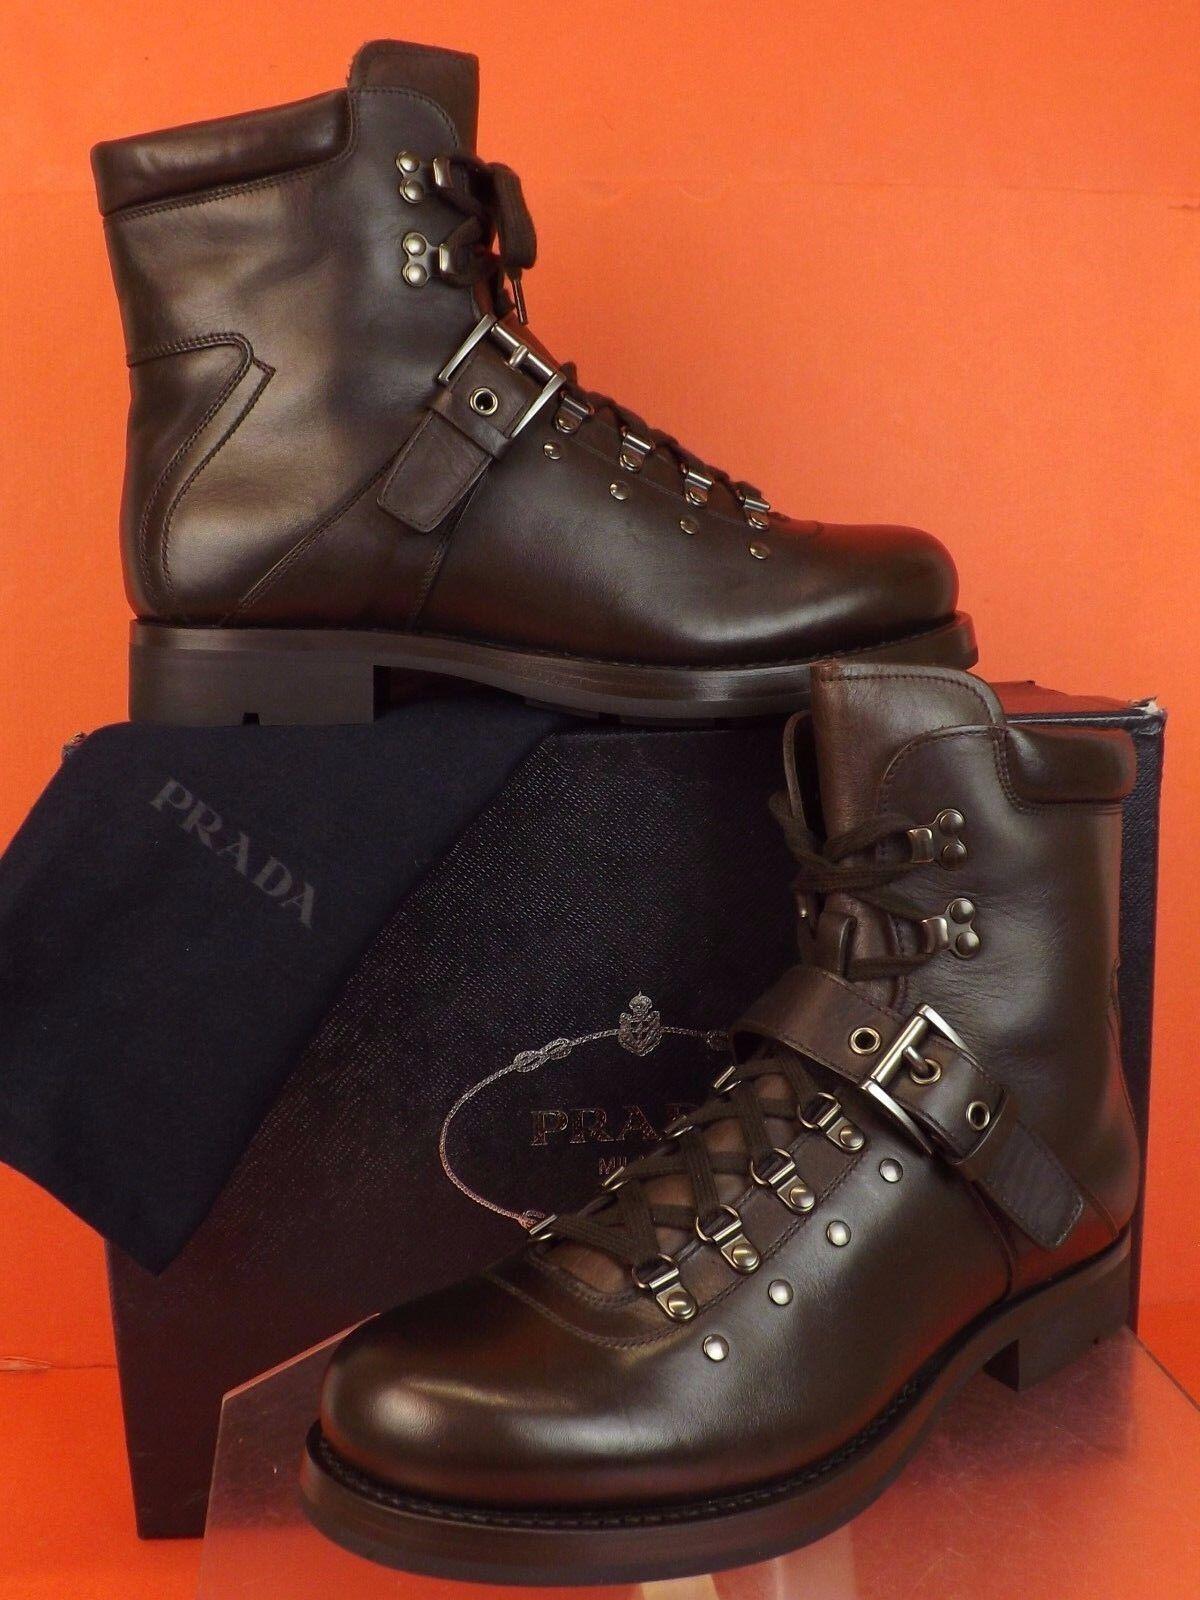 Nuevo En Caja PRADA Con Cinturón Hebilla De Cuero Marrón Con Cordones Shearling botas de combate 9 EE. UU. 10